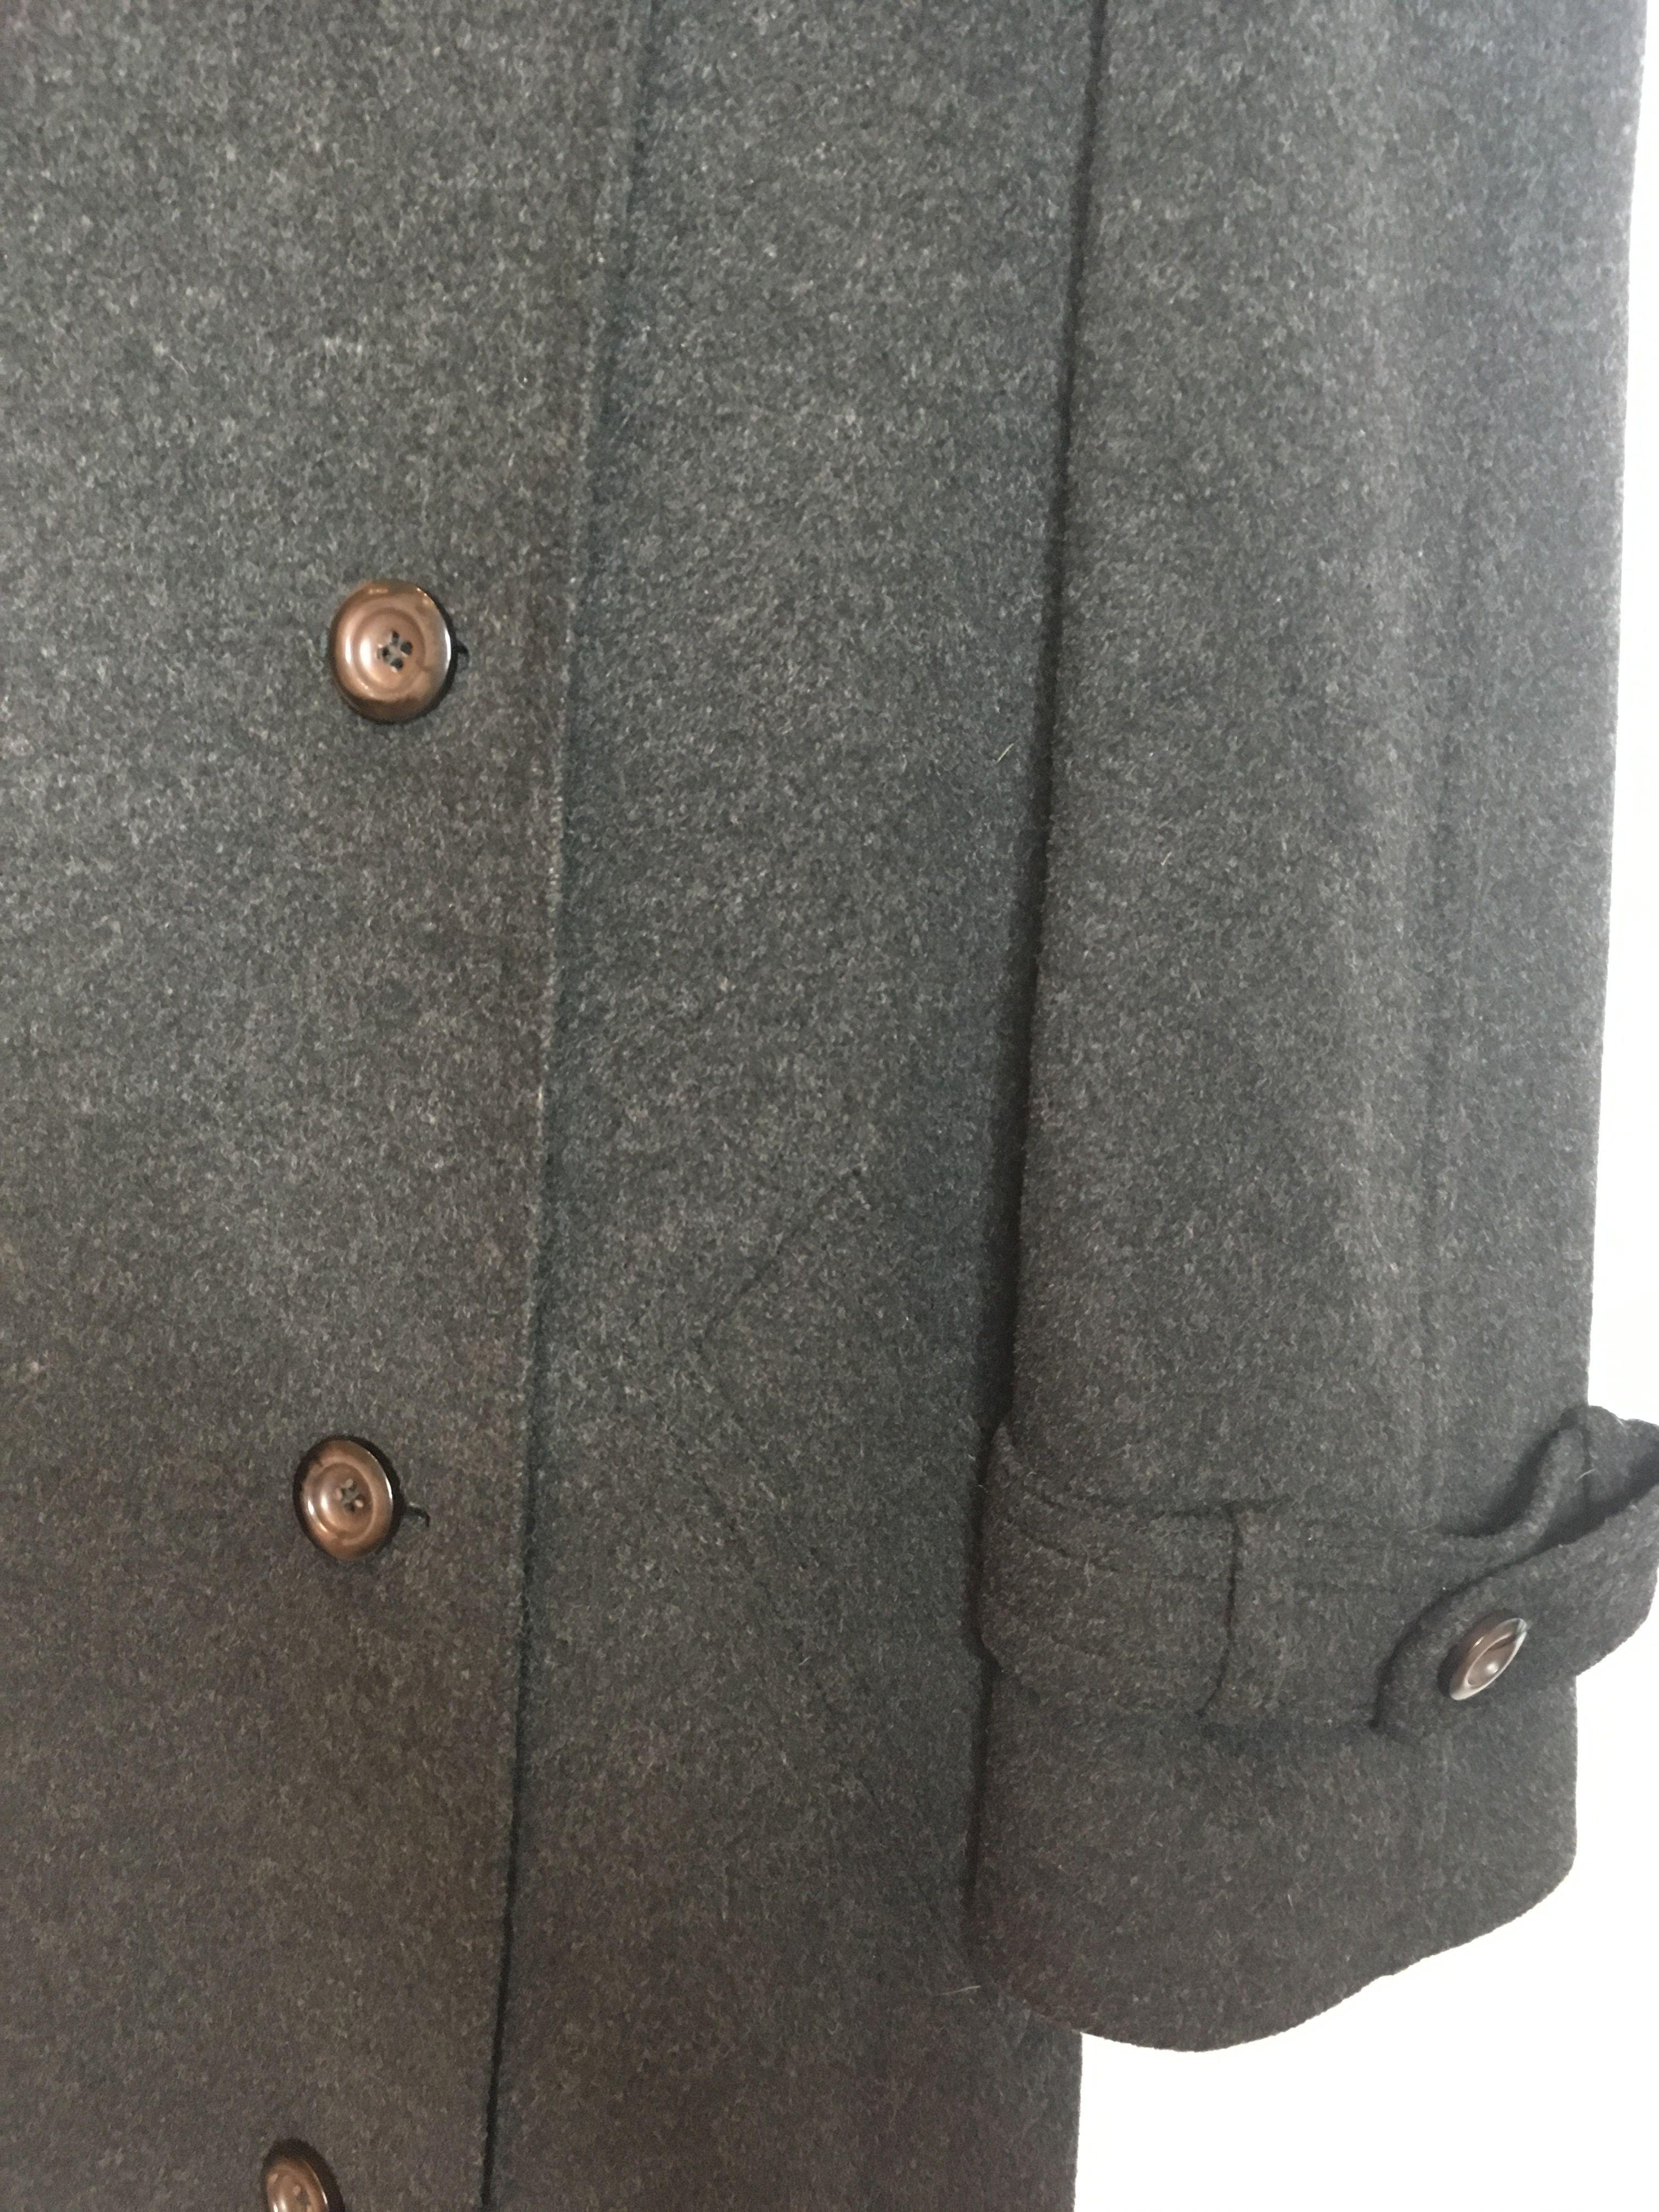 Manteaux - Manteau laine et fourrure